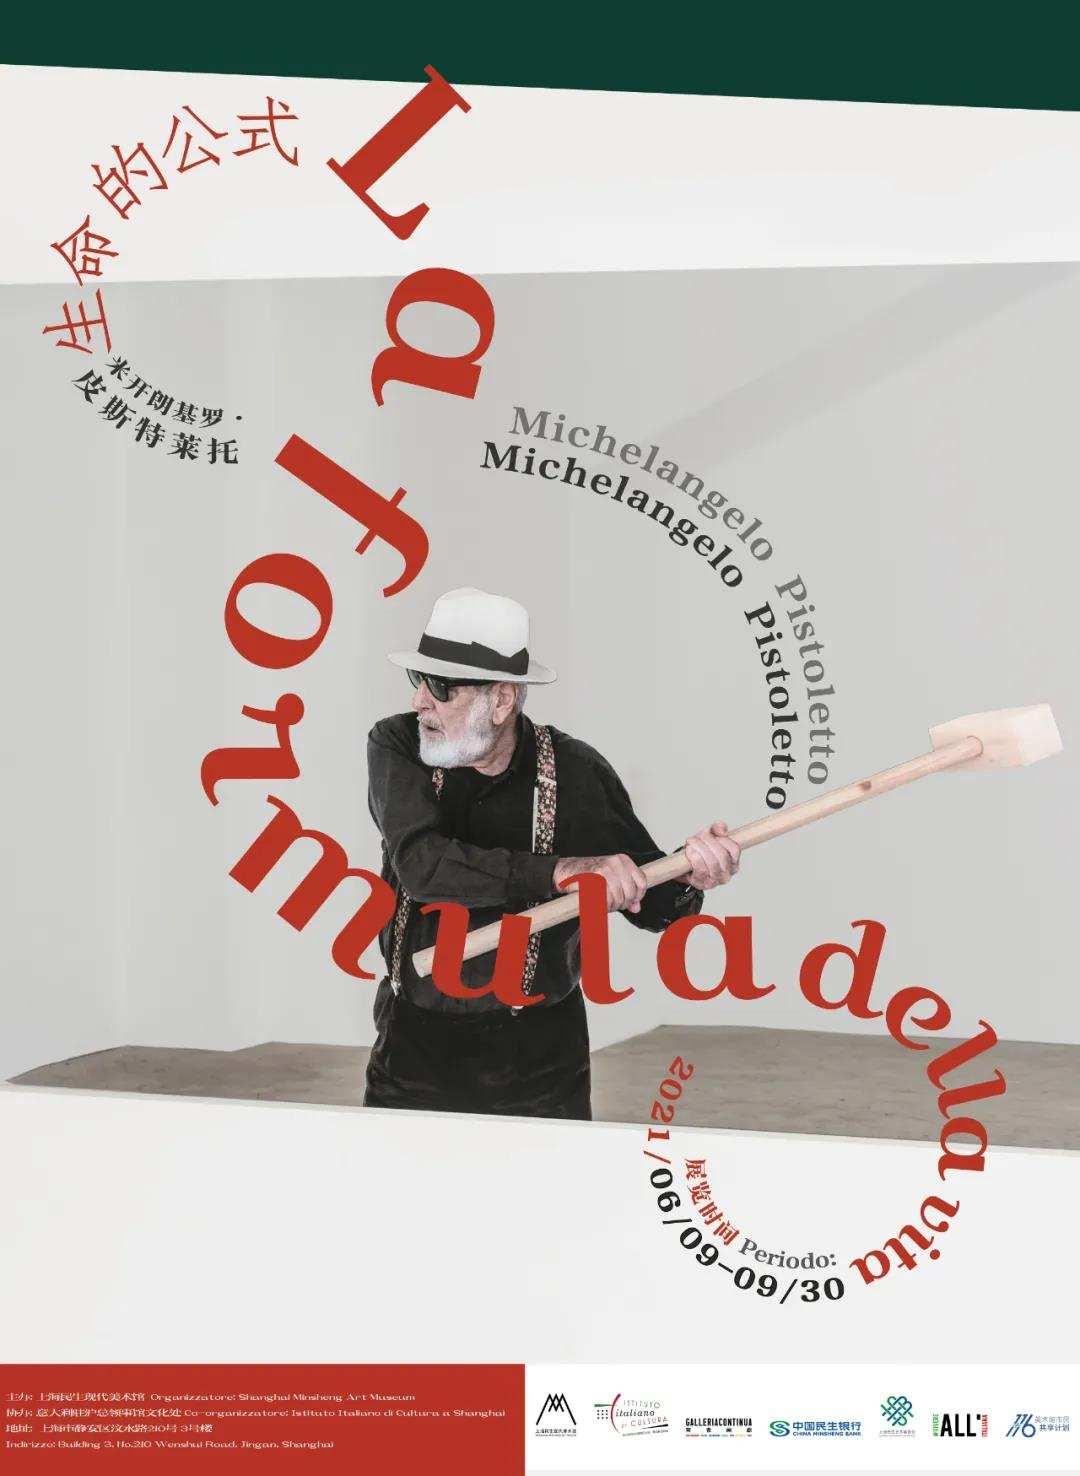 详情请关注上海民生现代美术馆微信公众号